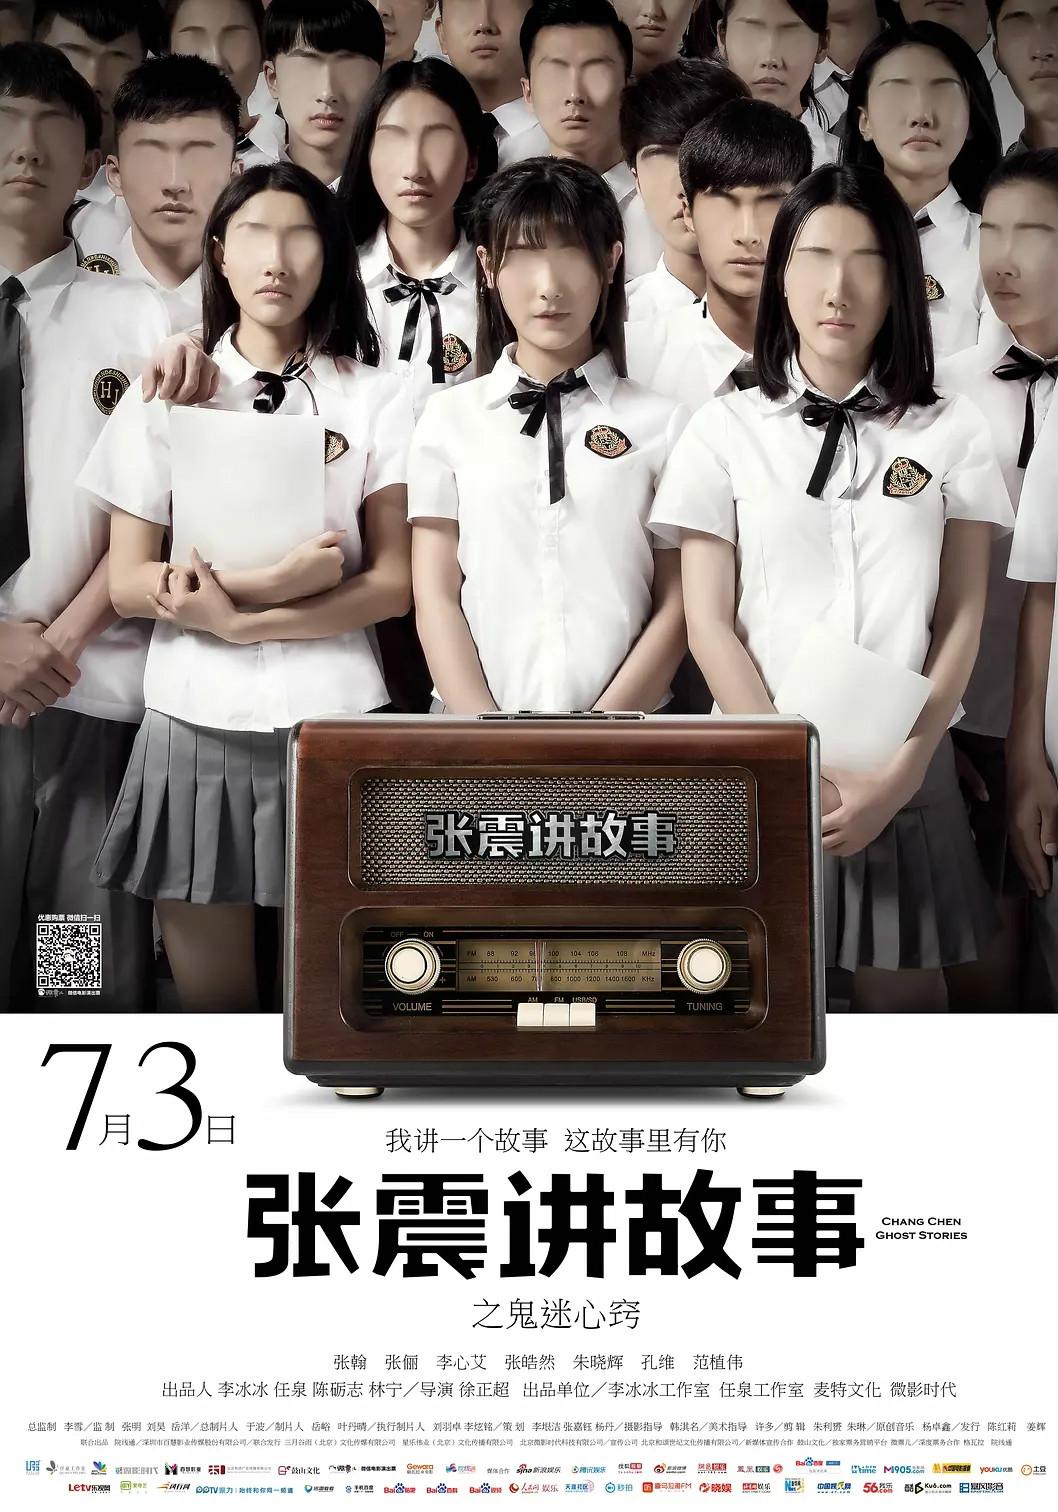 《张震讲故事之鬼迷心窍》  高清在线观看_完整版迅雷下载